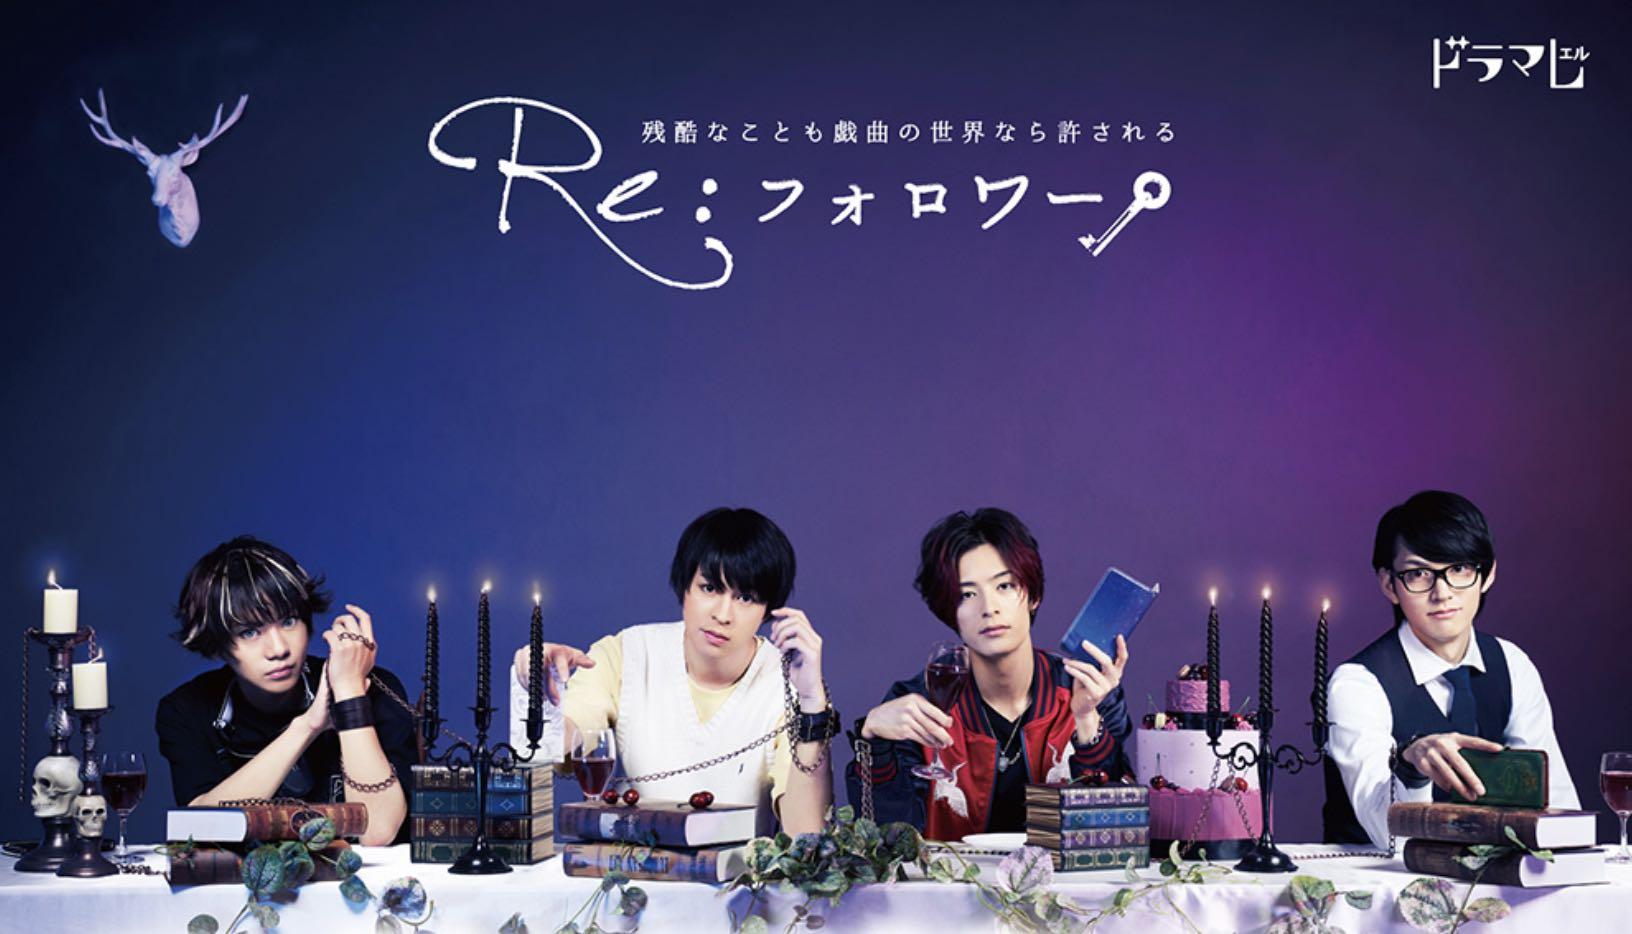 Re:フォロワー|無料で動画1話〜最終回のドラマ全話をフル視聴する方法